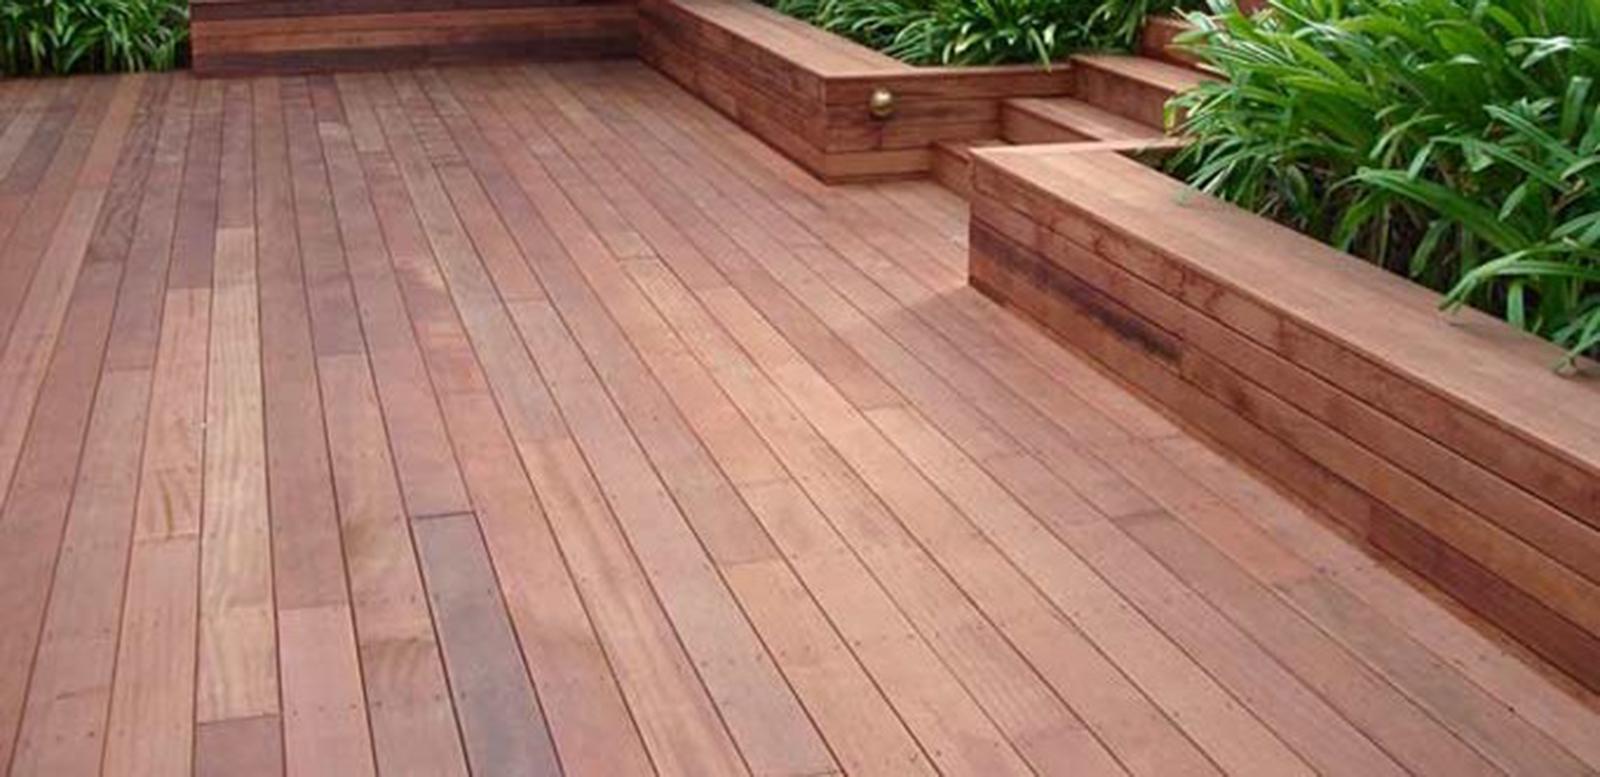 Quel bois choisir pour votre terrasse ? - Viving - Quel Bois Pour Terrasse